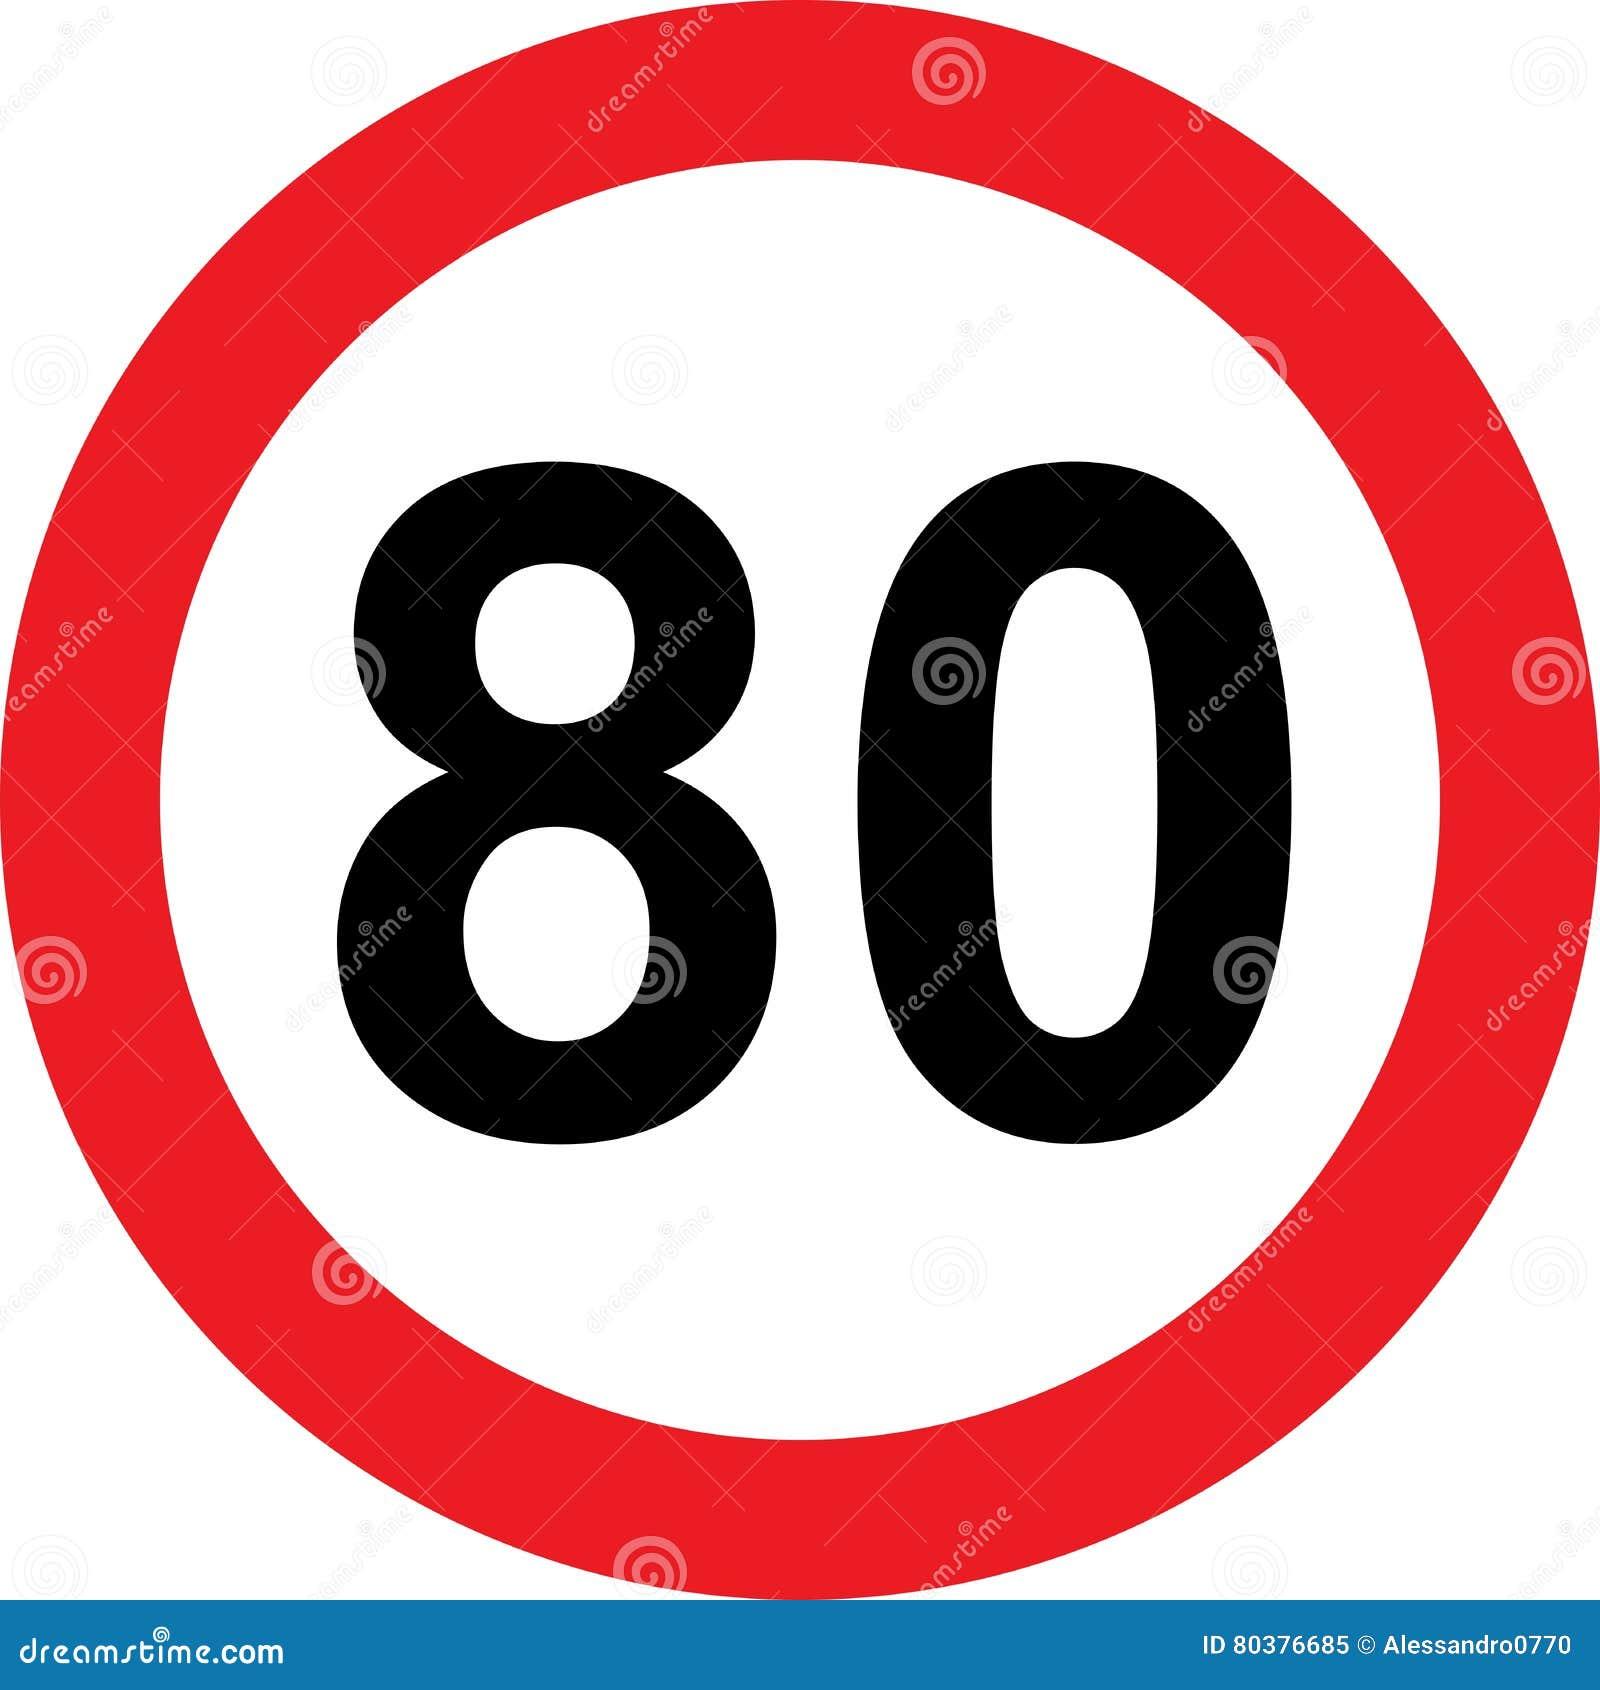 Segnale stradale di limitazione di 80 velocità